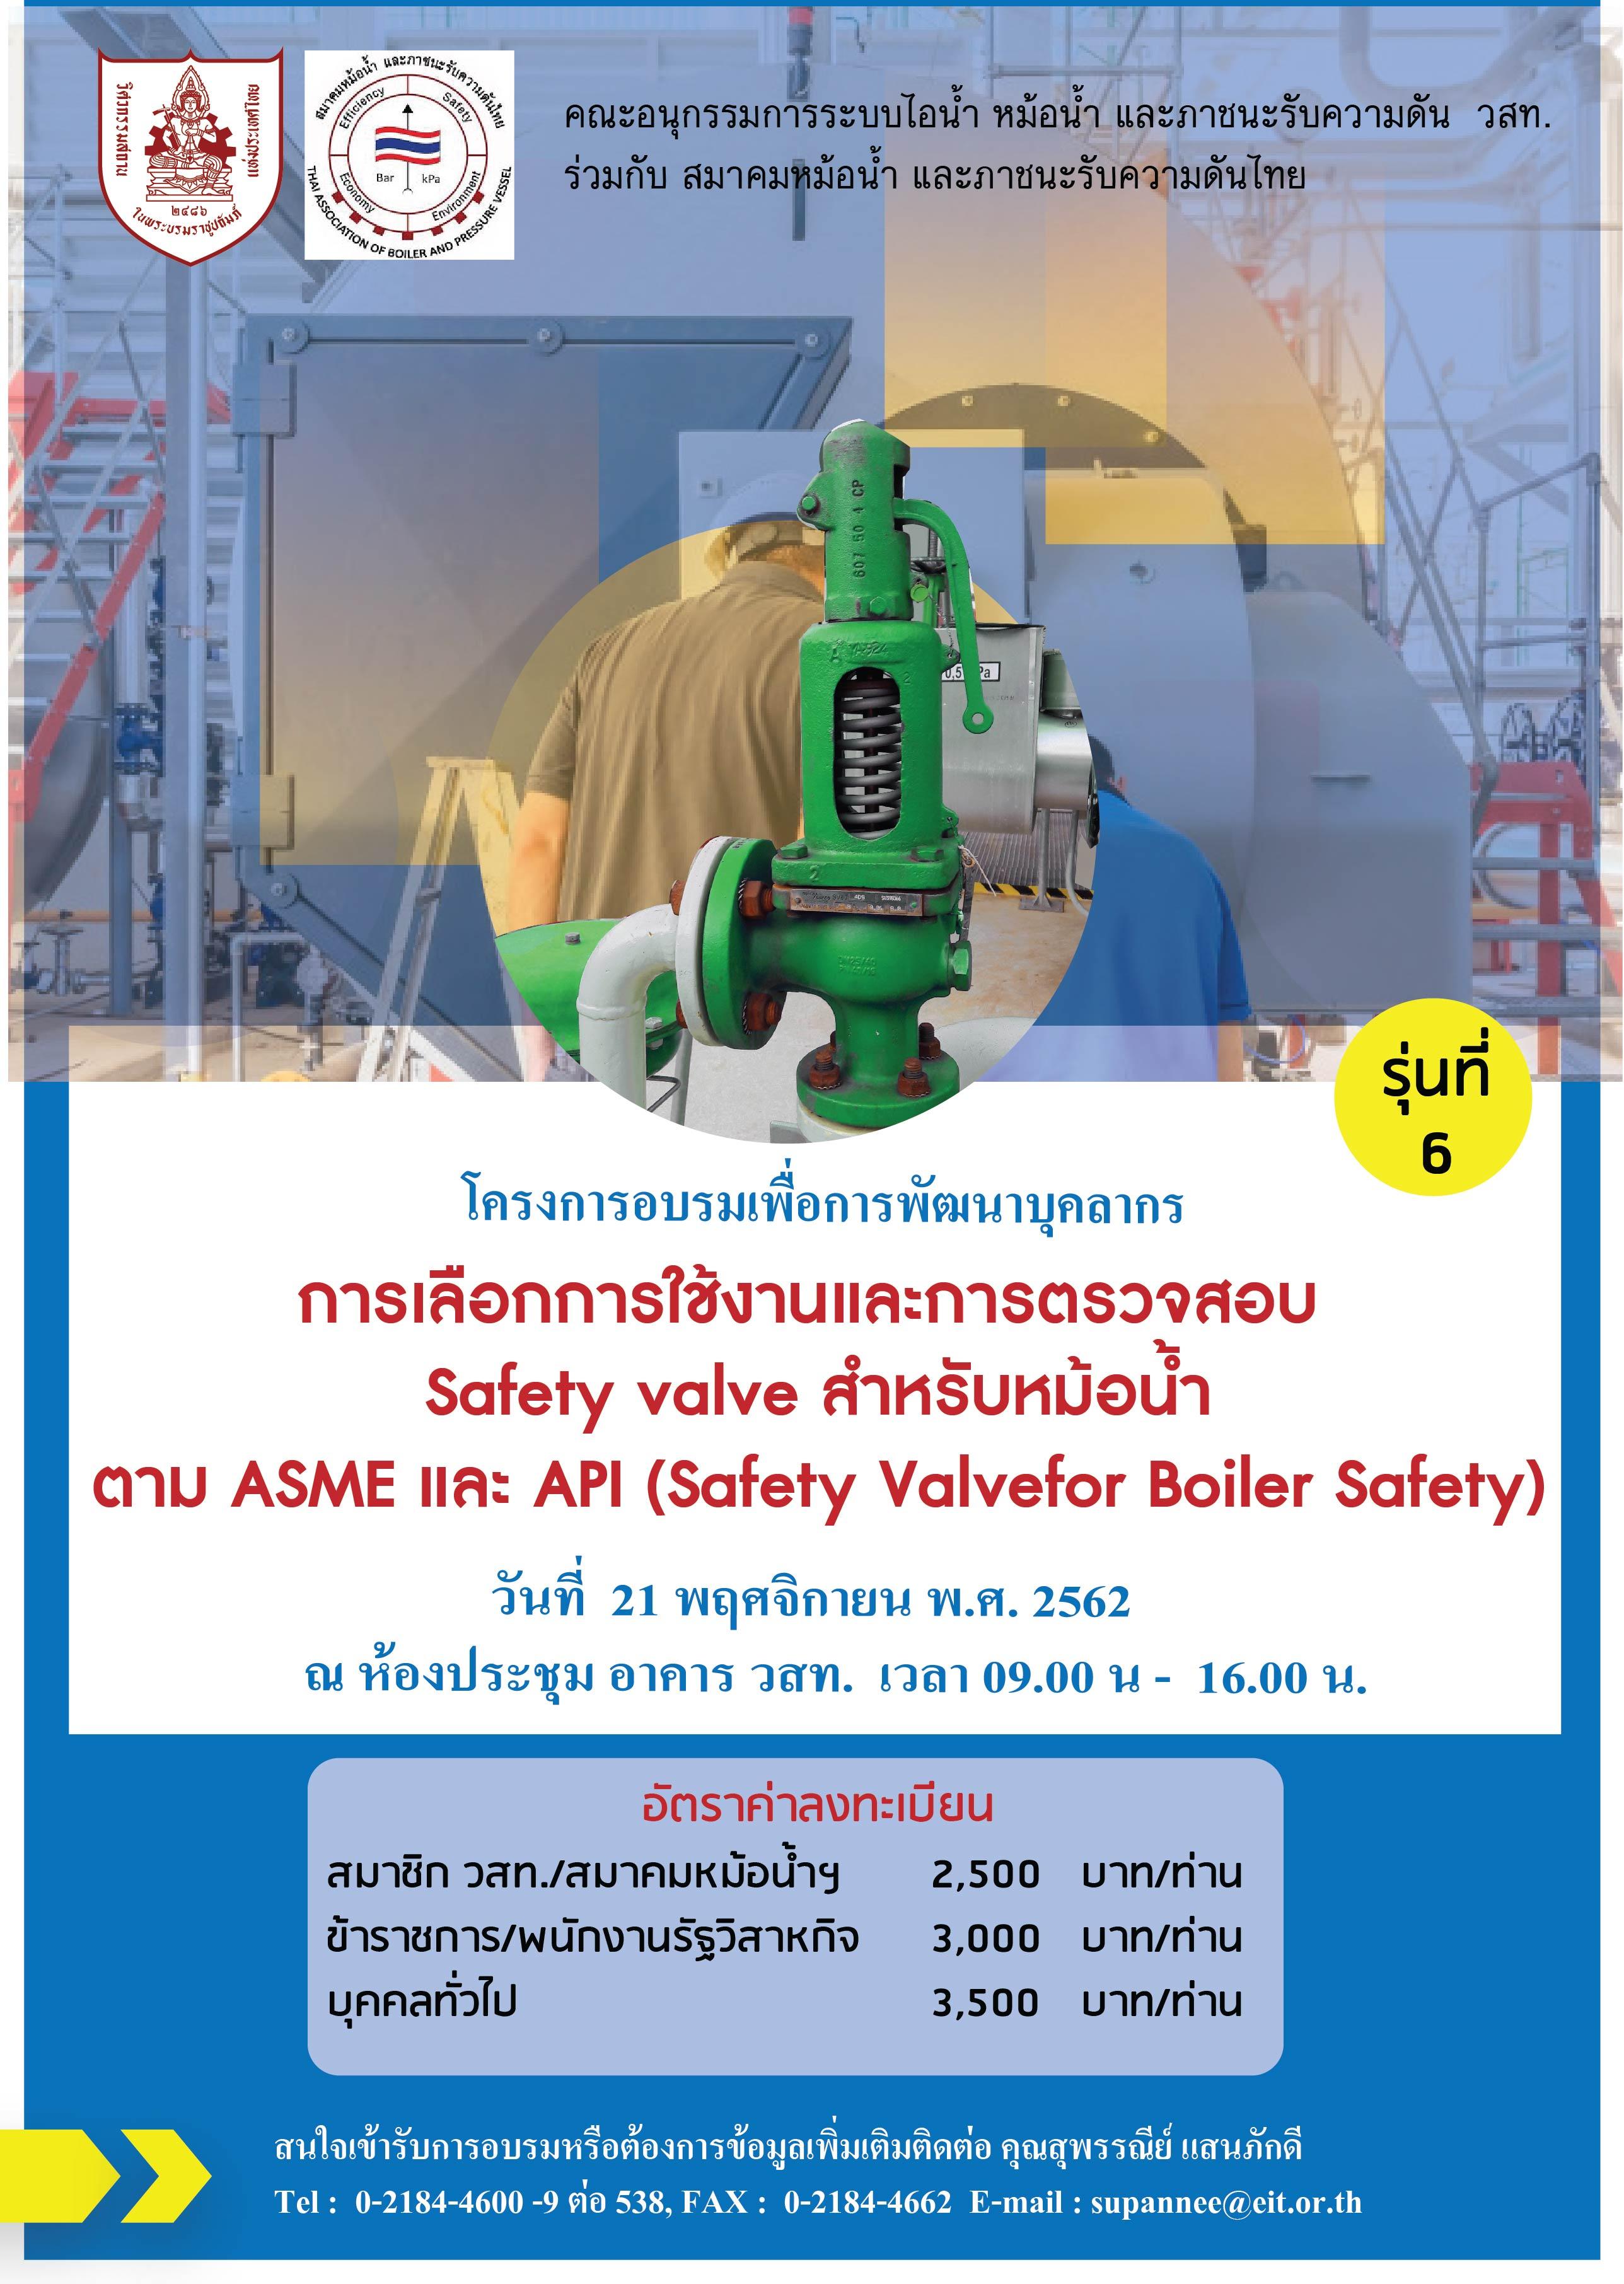 **ขอเลื่อน** 21/11/2562 การอบรมเรื่อง การเลือก การใช้งาน และการตรวจสอบ Safety valve สำหรับหม้อน้ำ ตาม ASME และ API (Safety Valve for Boiler Safety) รุ่นที่ 6